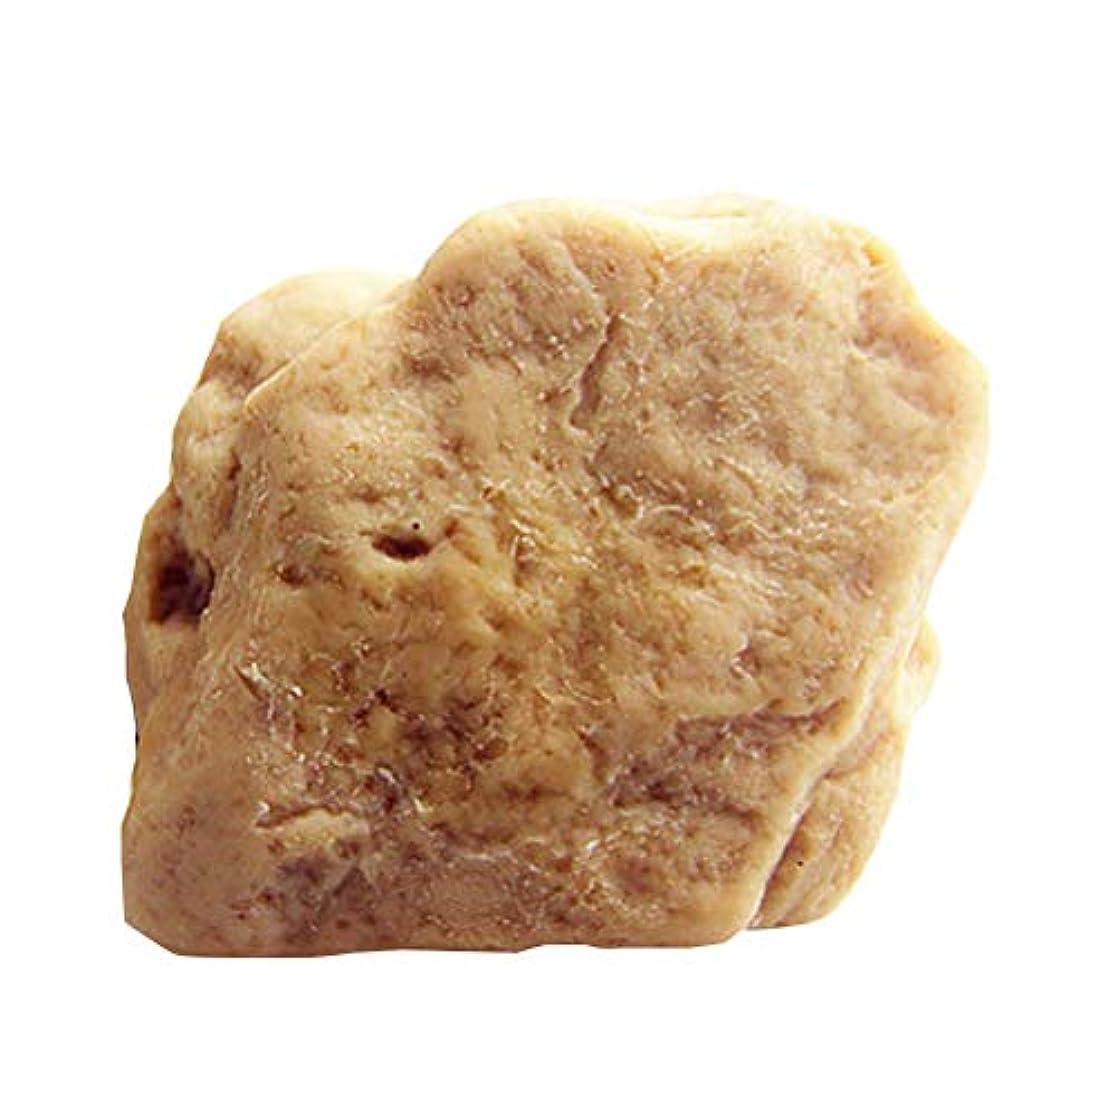 独立して電子レンジ酸化するsupbel 洗顔石鹸 石鹸 洗顔用石鹸 保湿 洗顔 オリーブオイル入り 美白 毛穴 黒ずみ用 自然乾燥仕上げ 美肌 シャワー用